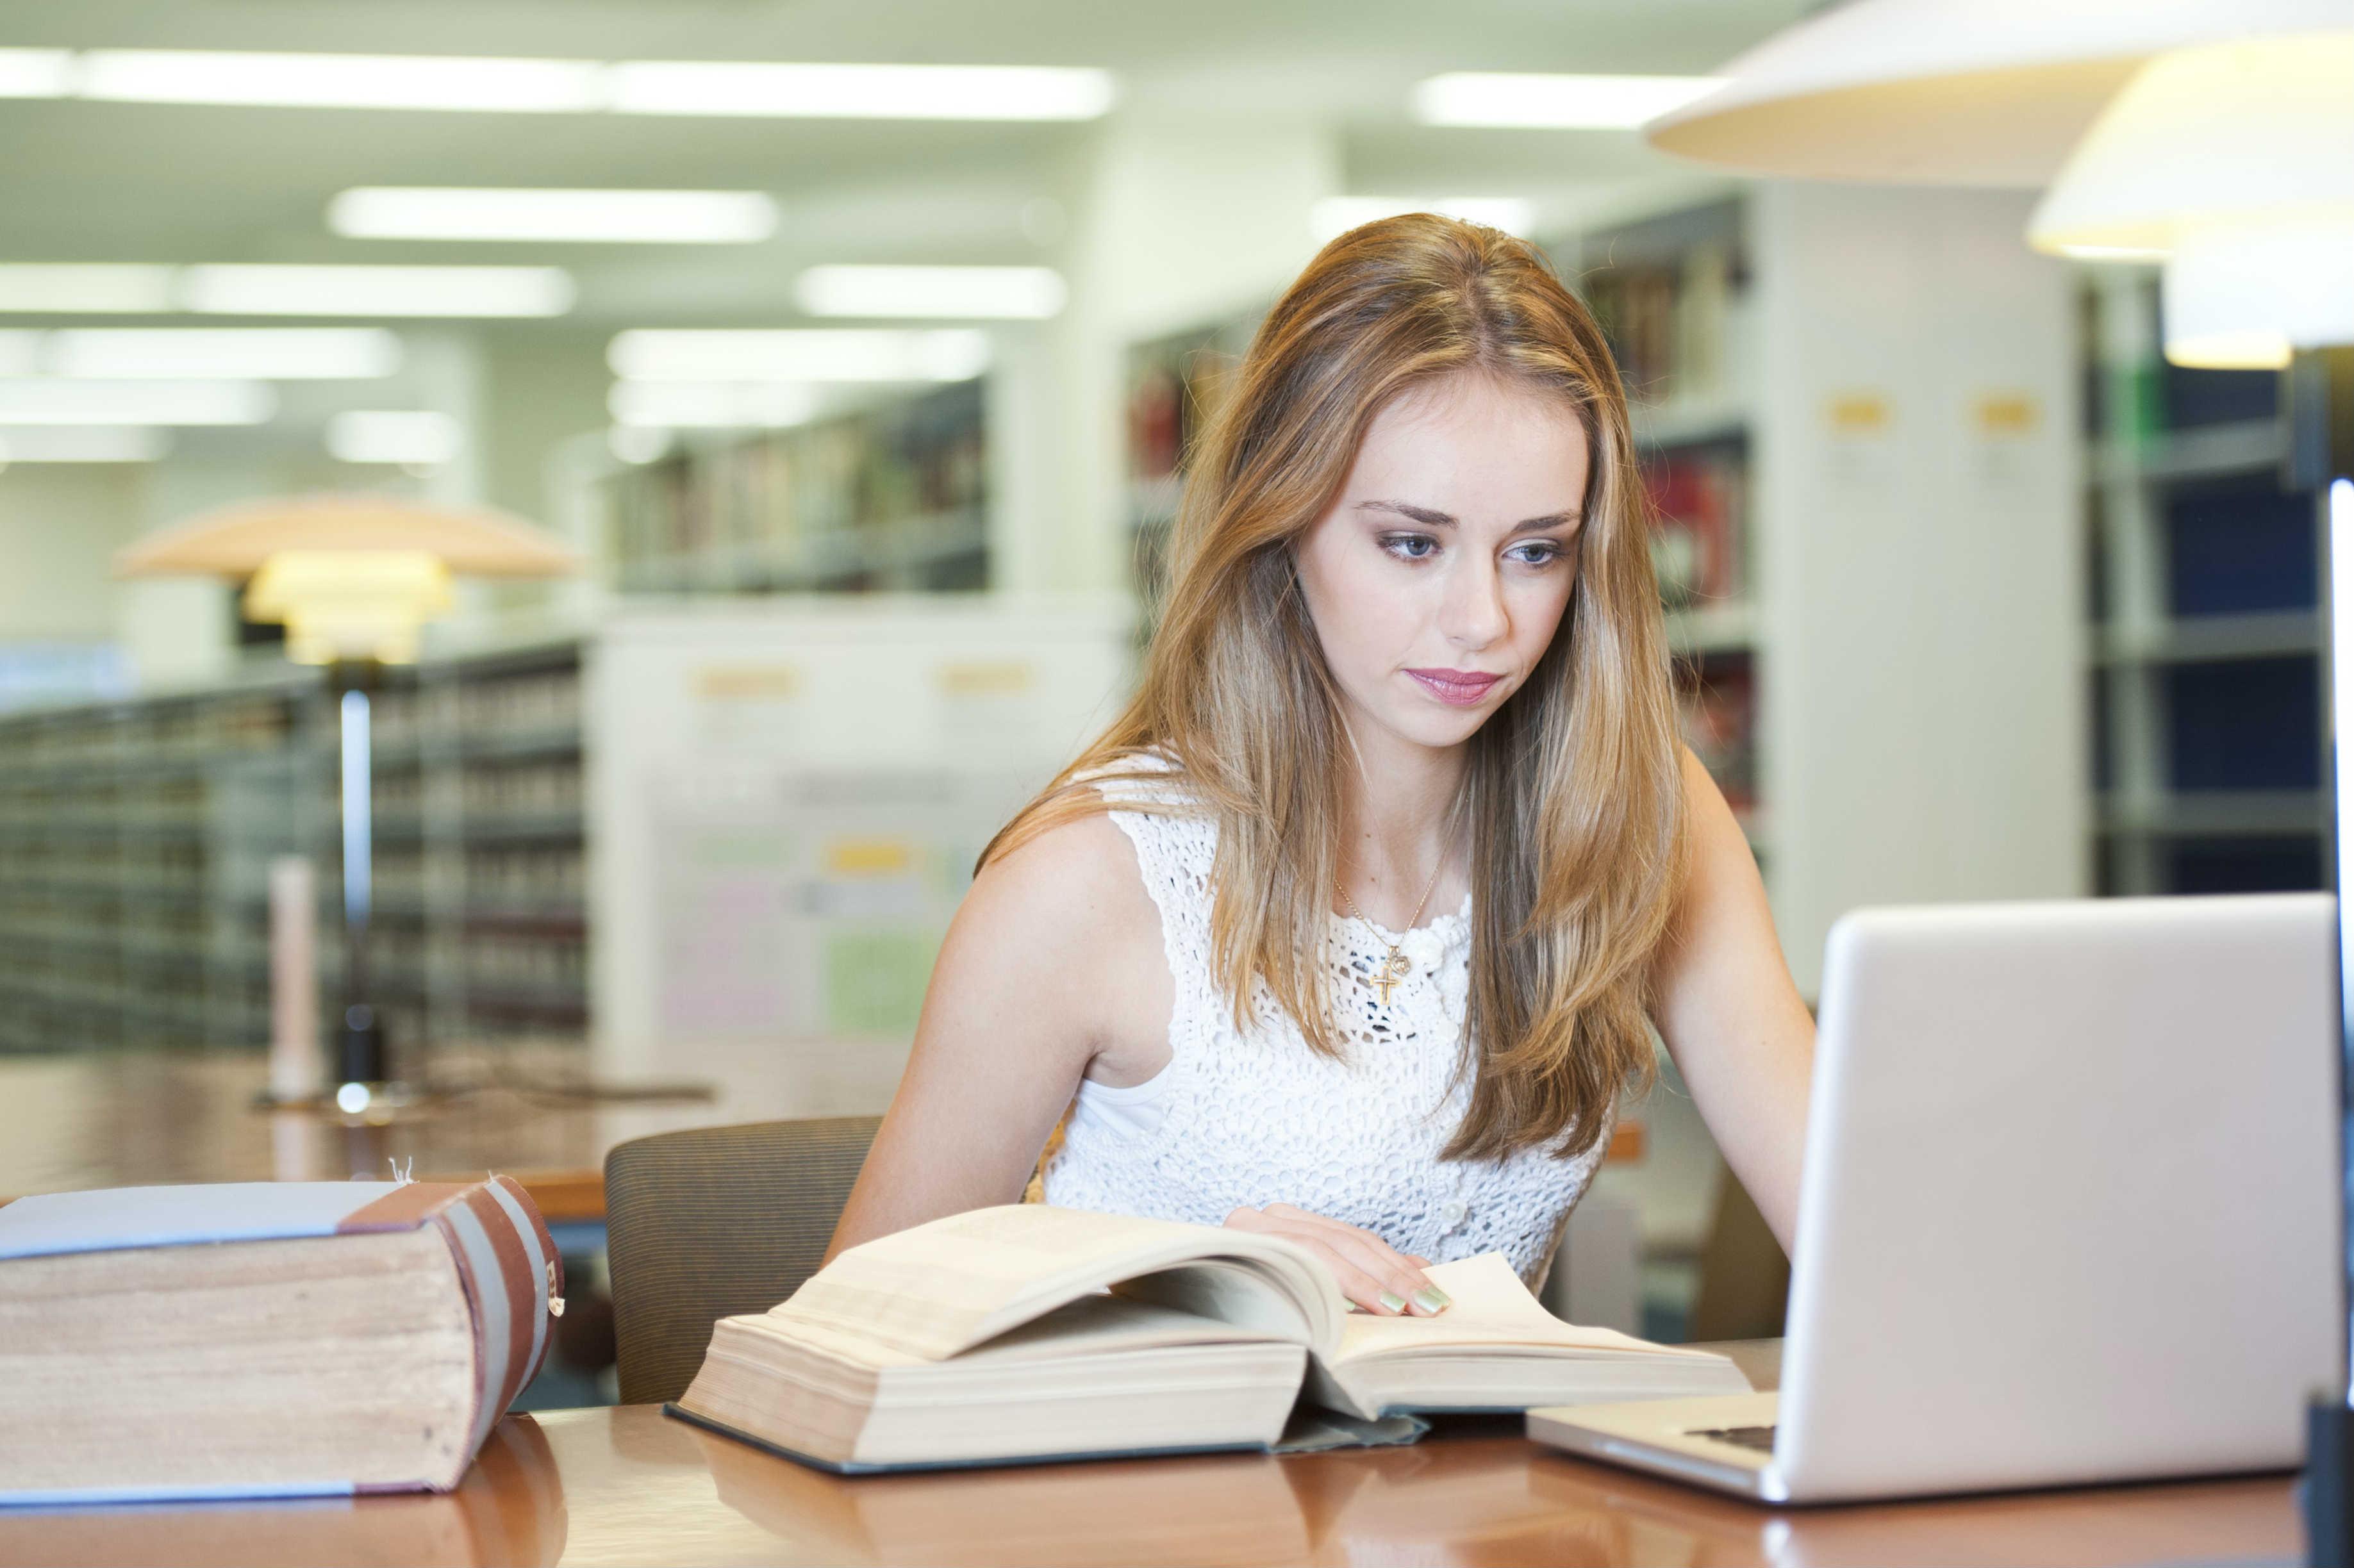 Mulher estudando em uma biblioteca